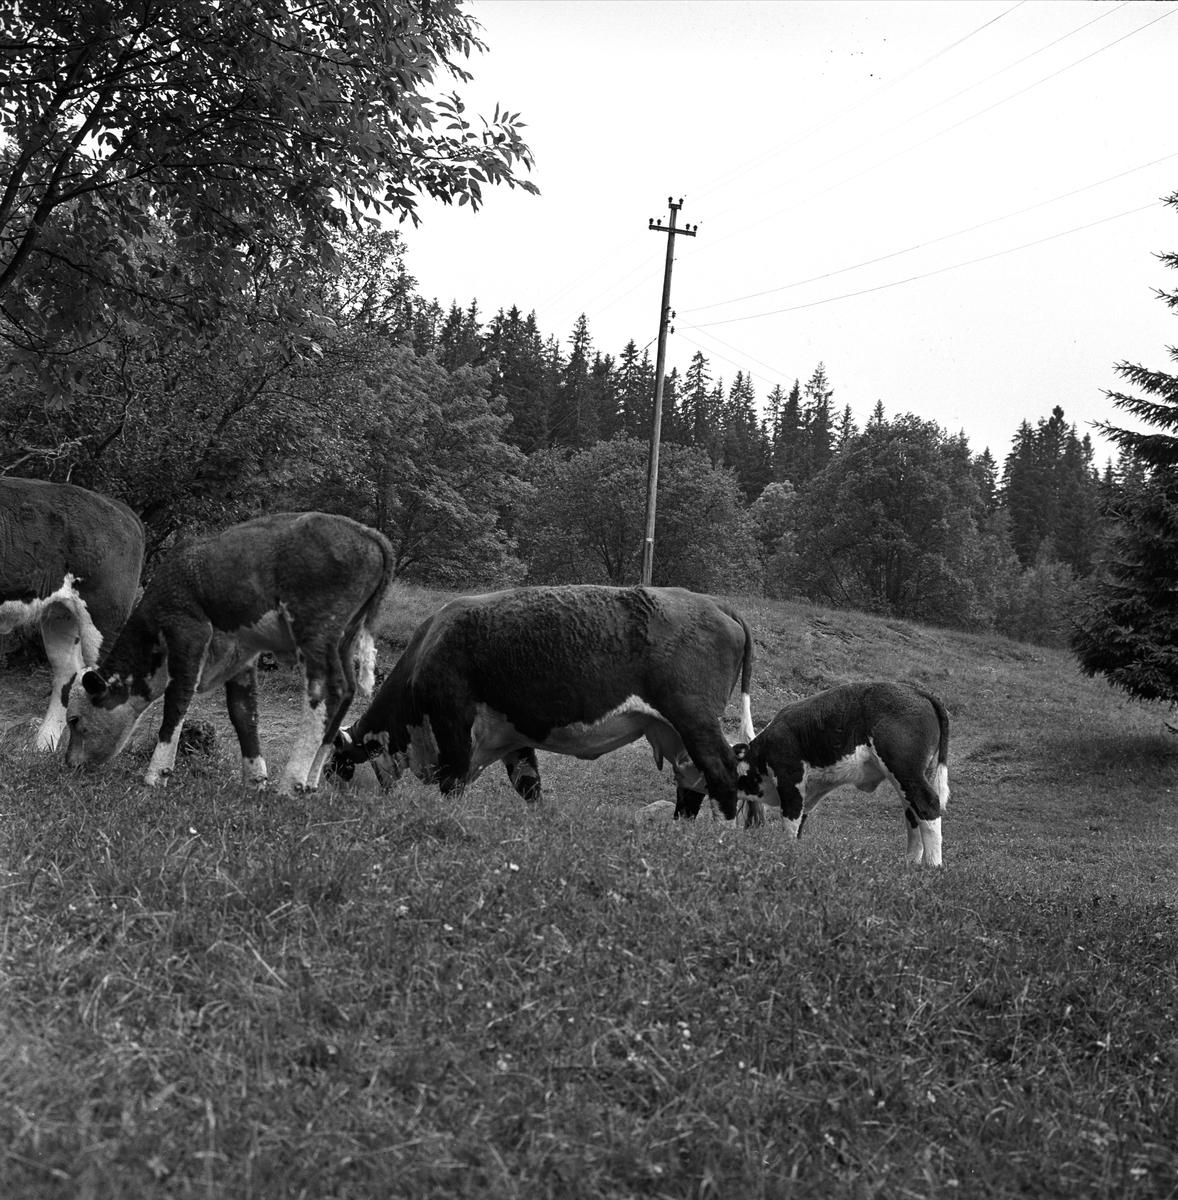 Ullevålseter, Oslo, 18.07.1964. Kuer og kalver på beite.